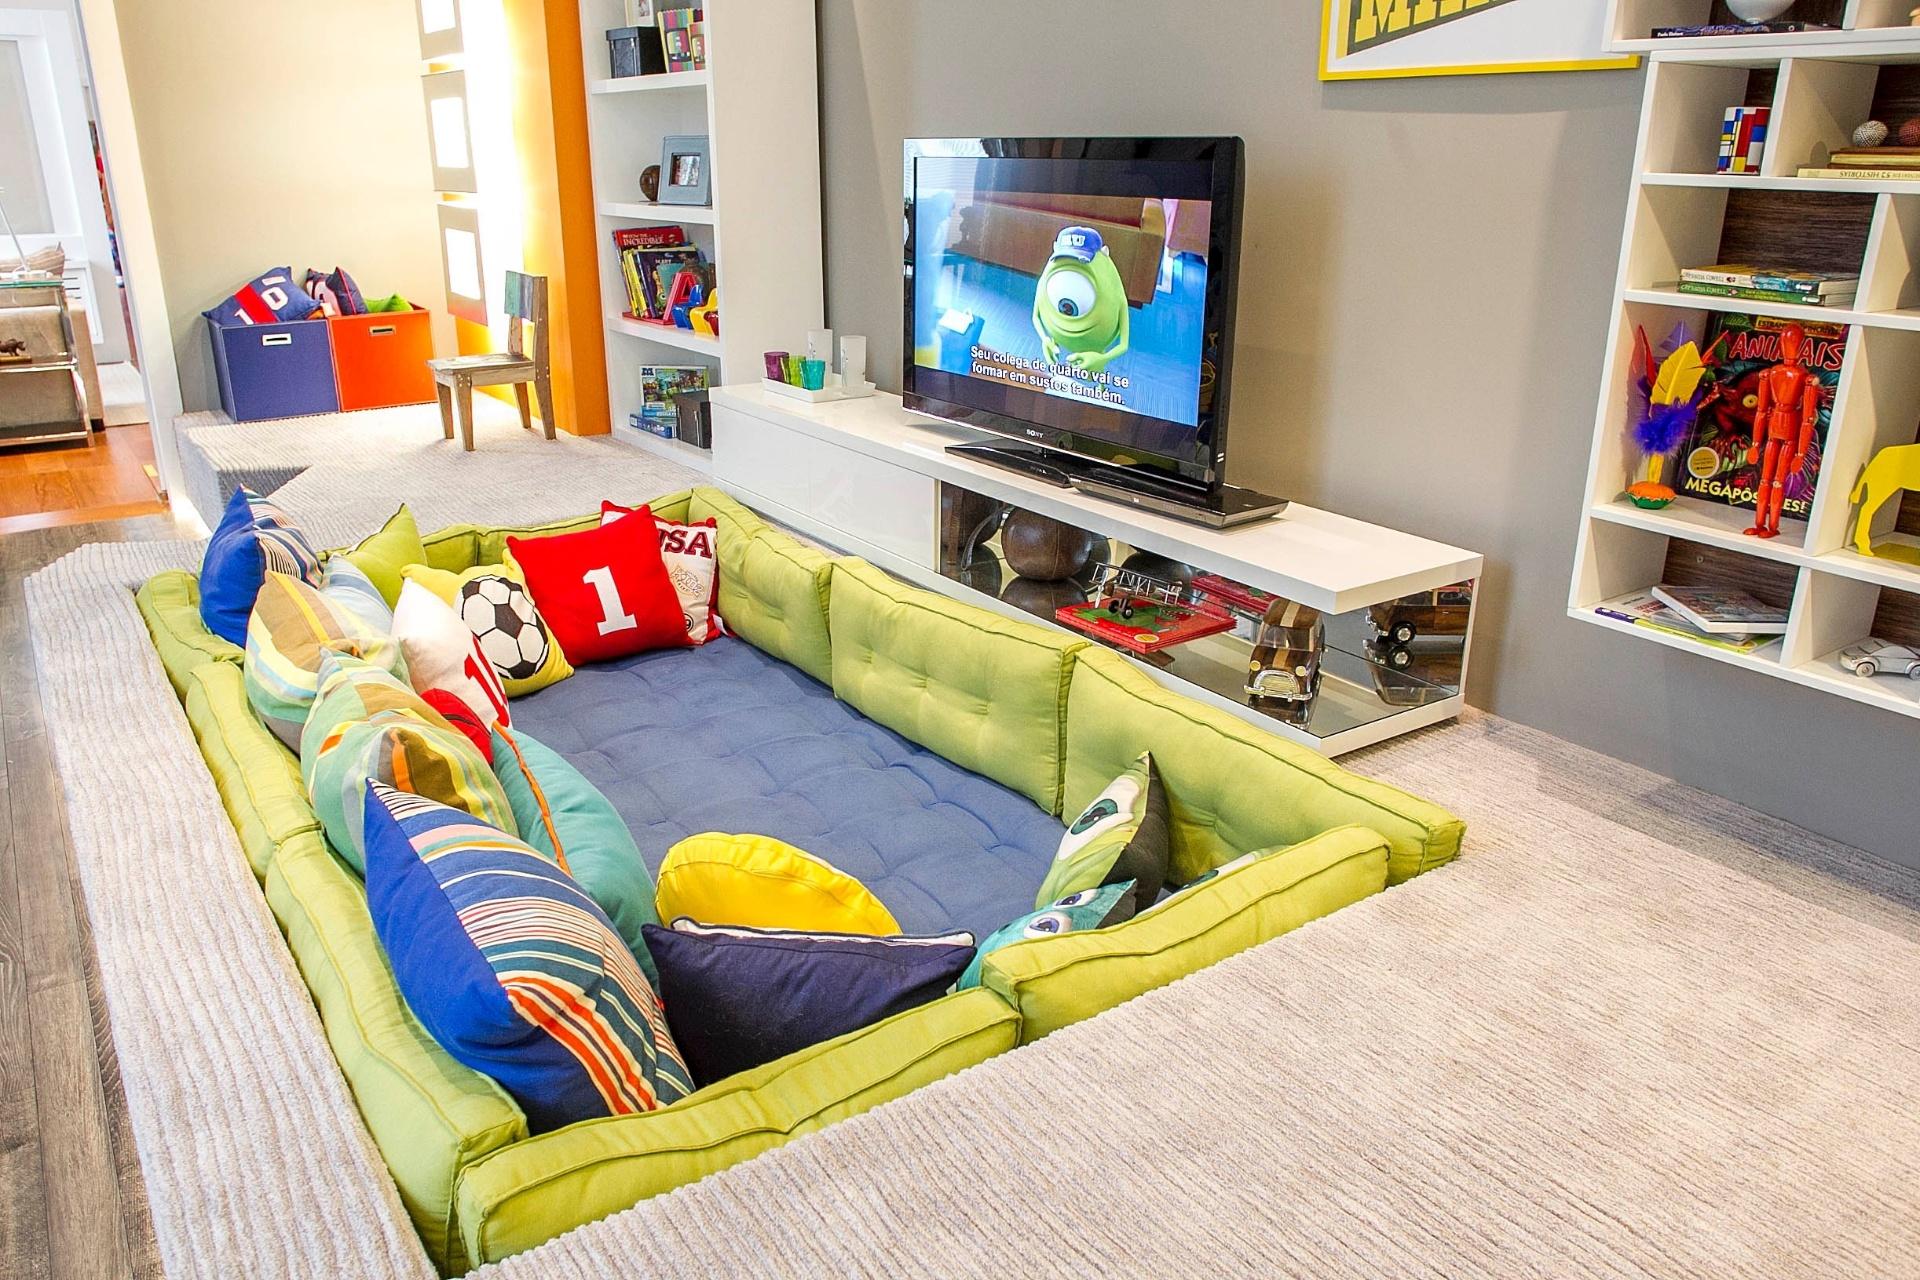 Segundo Marcel Steiner, o sofá embutido em caixas de madeira ou alvenaria confere ao espaço uma atmosfera dos anos 70 e 80. (www.cleliareginaangelo.com.br)